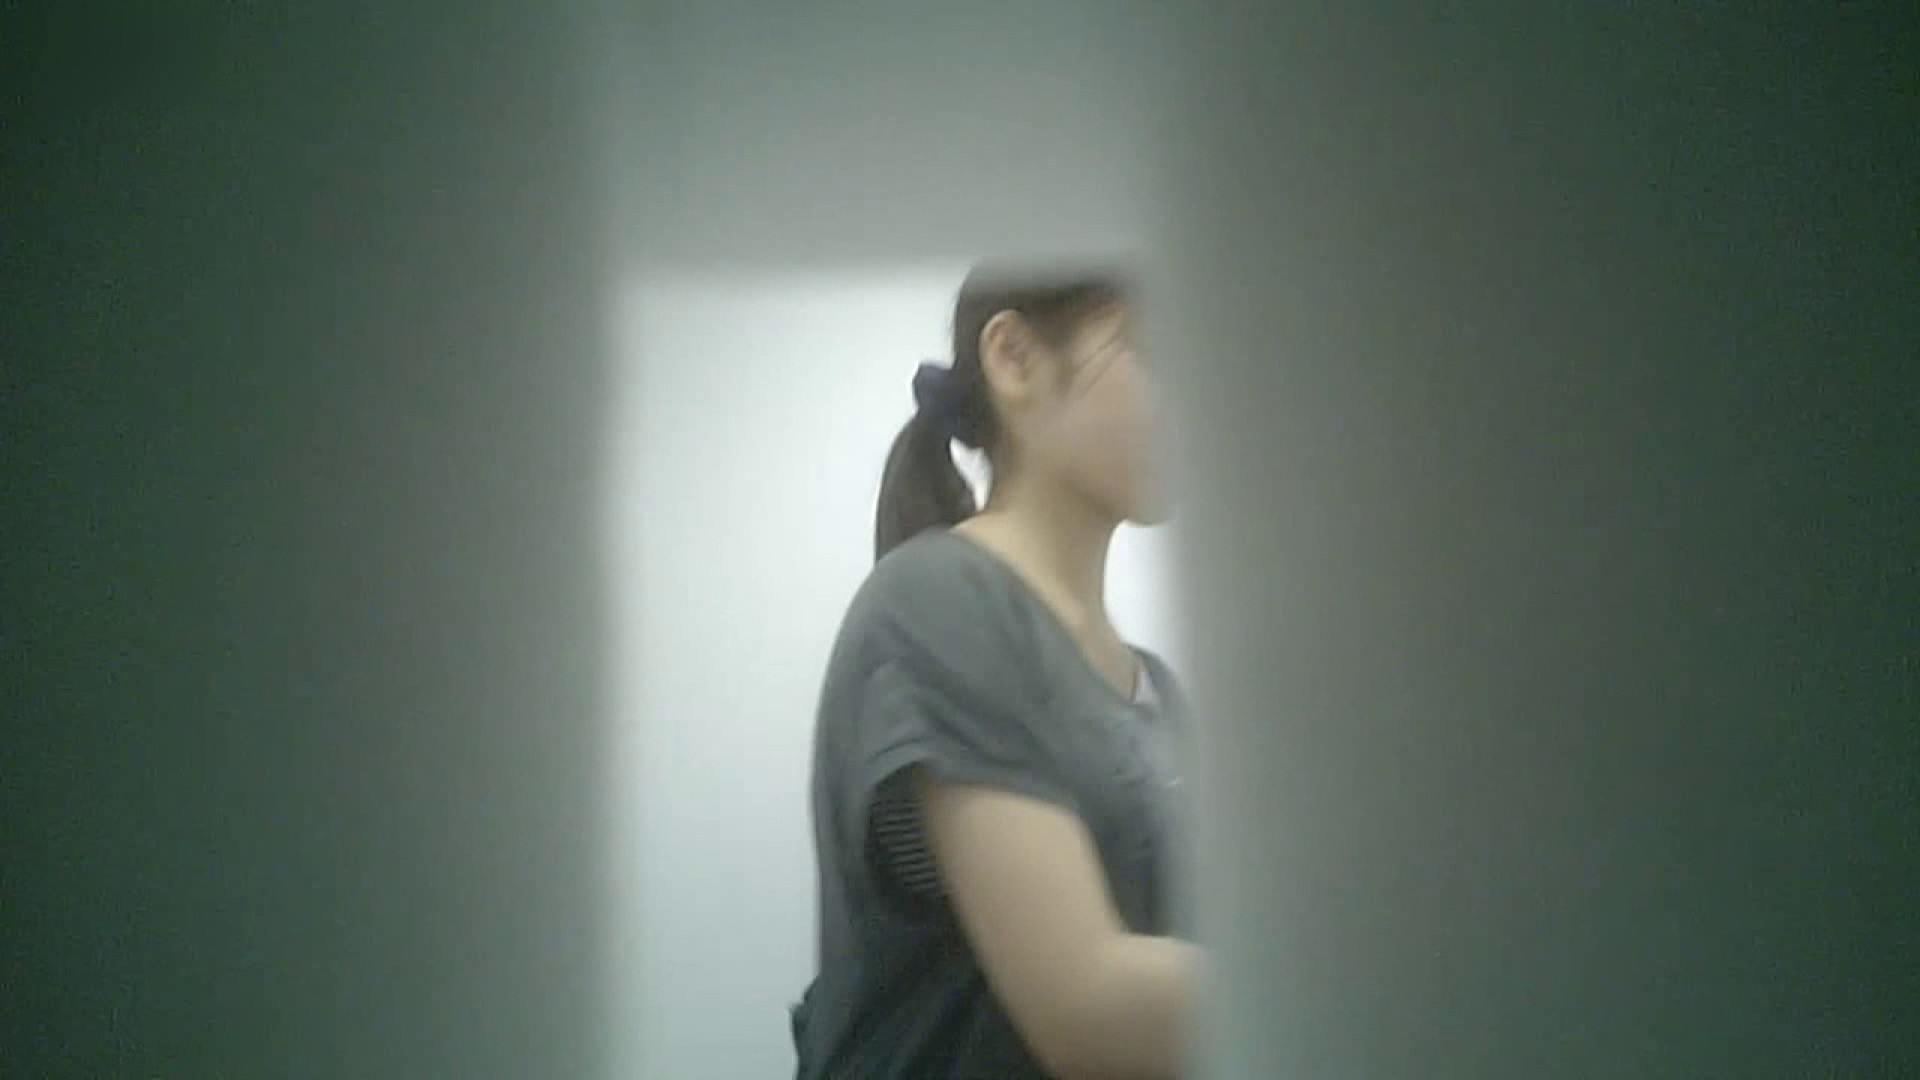 有名大学女性洗面所 vol.45 冴え渡る多方向撮影!職人技です。 OLセックス のぞき濡れ場動画紹介 95画像 37